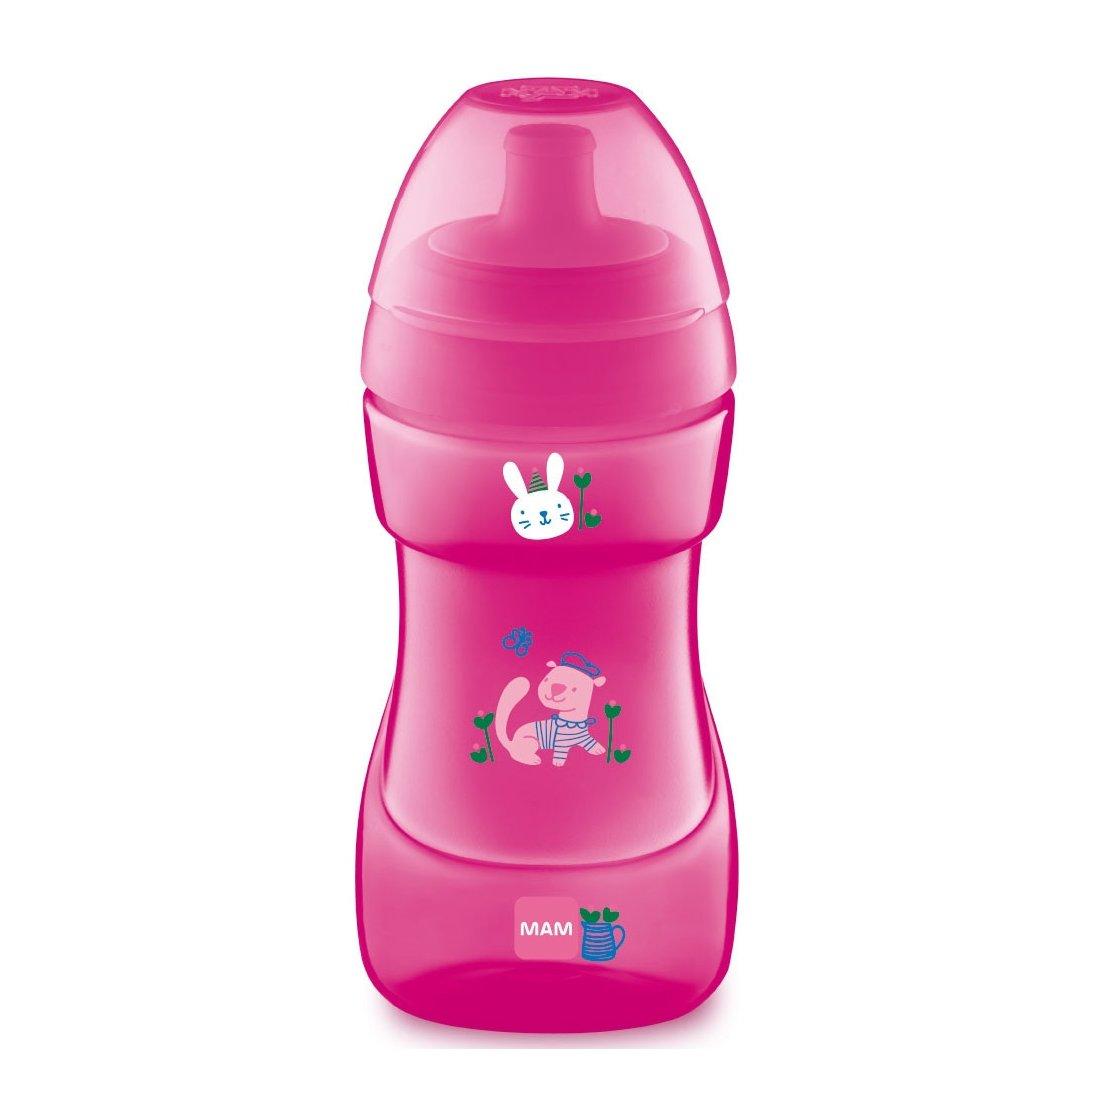 Mam Sports Cup Ποτηράκι Εξόδου με Στόμιο που δεν Στάζει Κωδ 470 από 12+ Μηνών 330ml 1 Τεμάχιο – ροζ